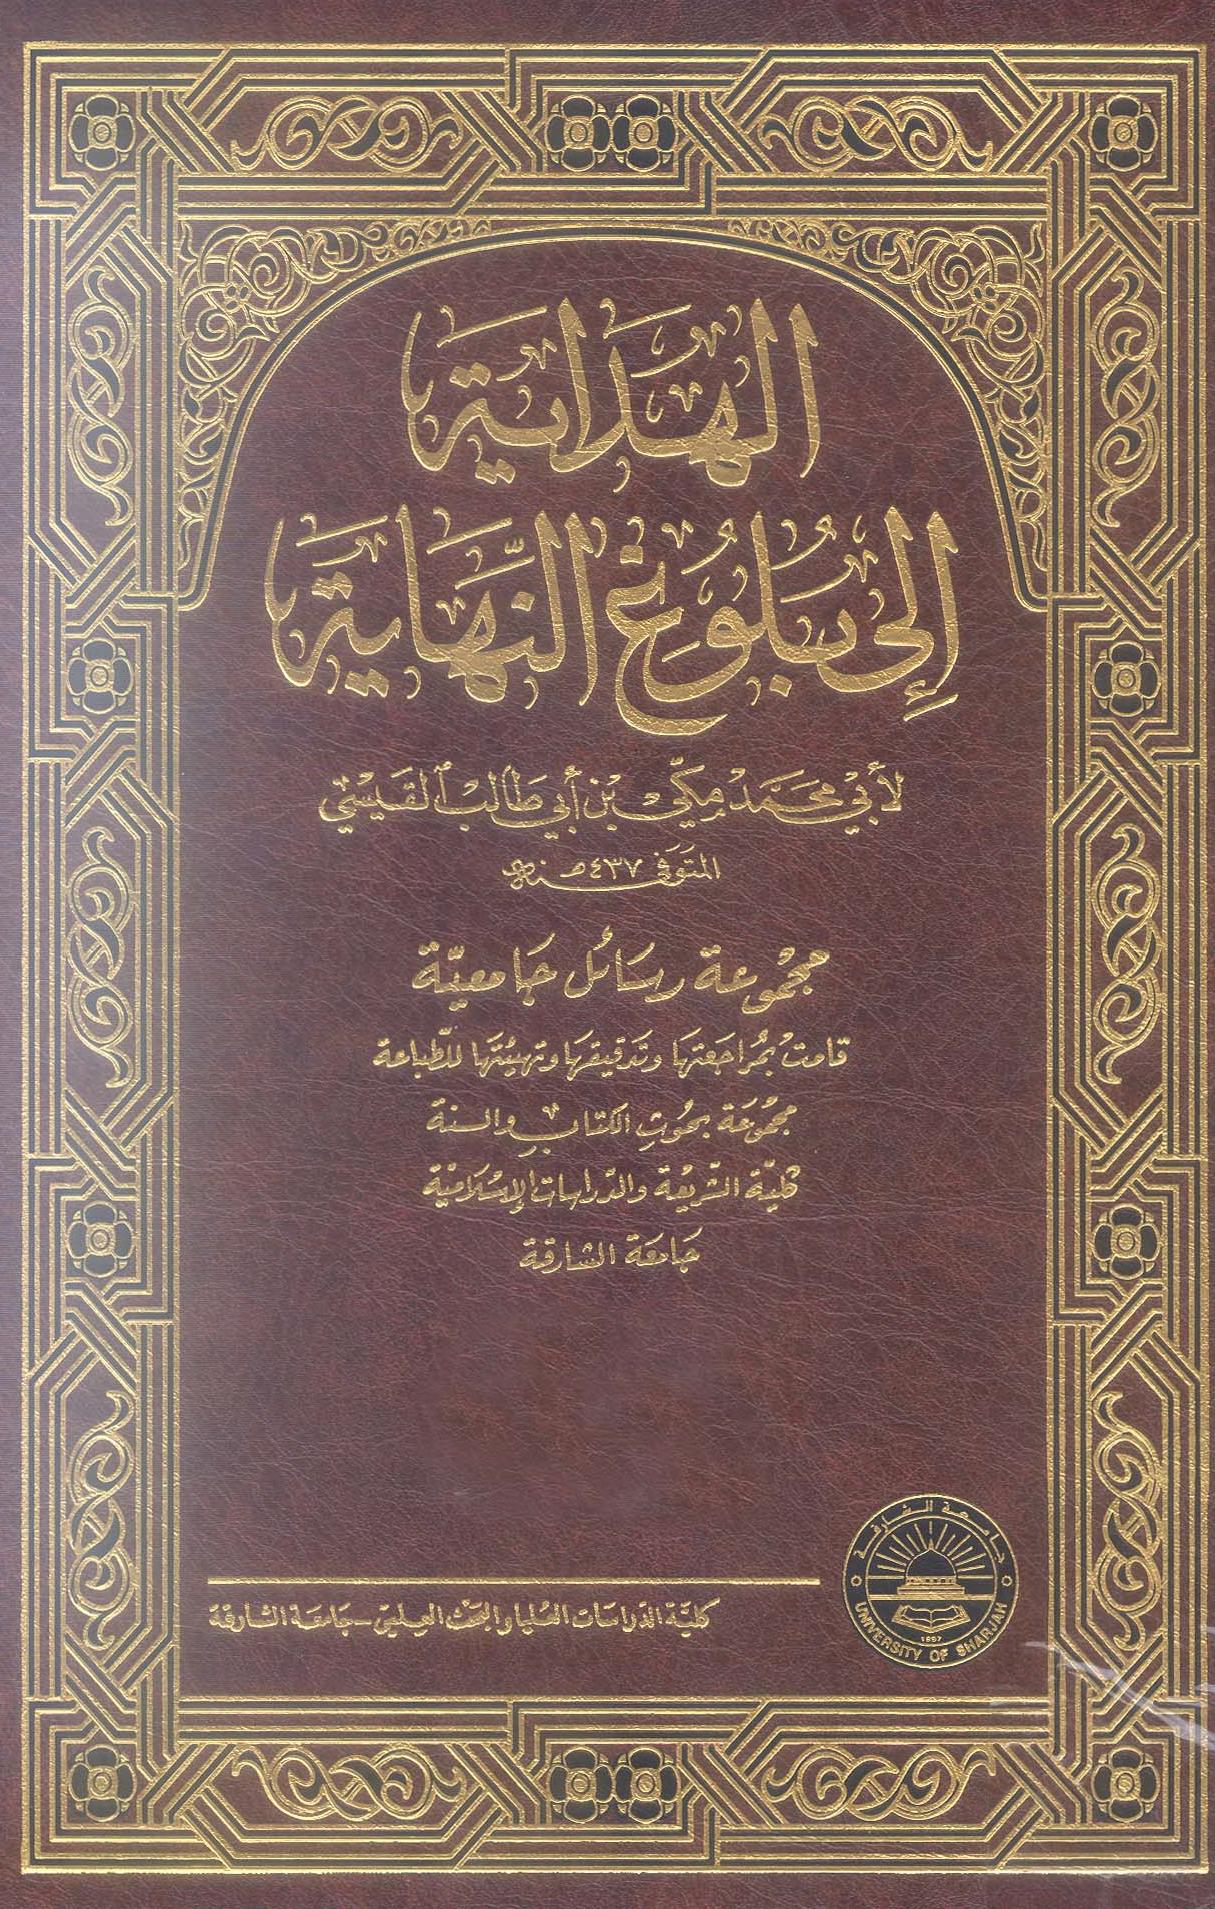 تحميل كتاب الهداية إلى بلوغ النهاية لـِ: الإمام أبو محمد مكي بن أبي طالب حمّوش القيسي (ت 437)